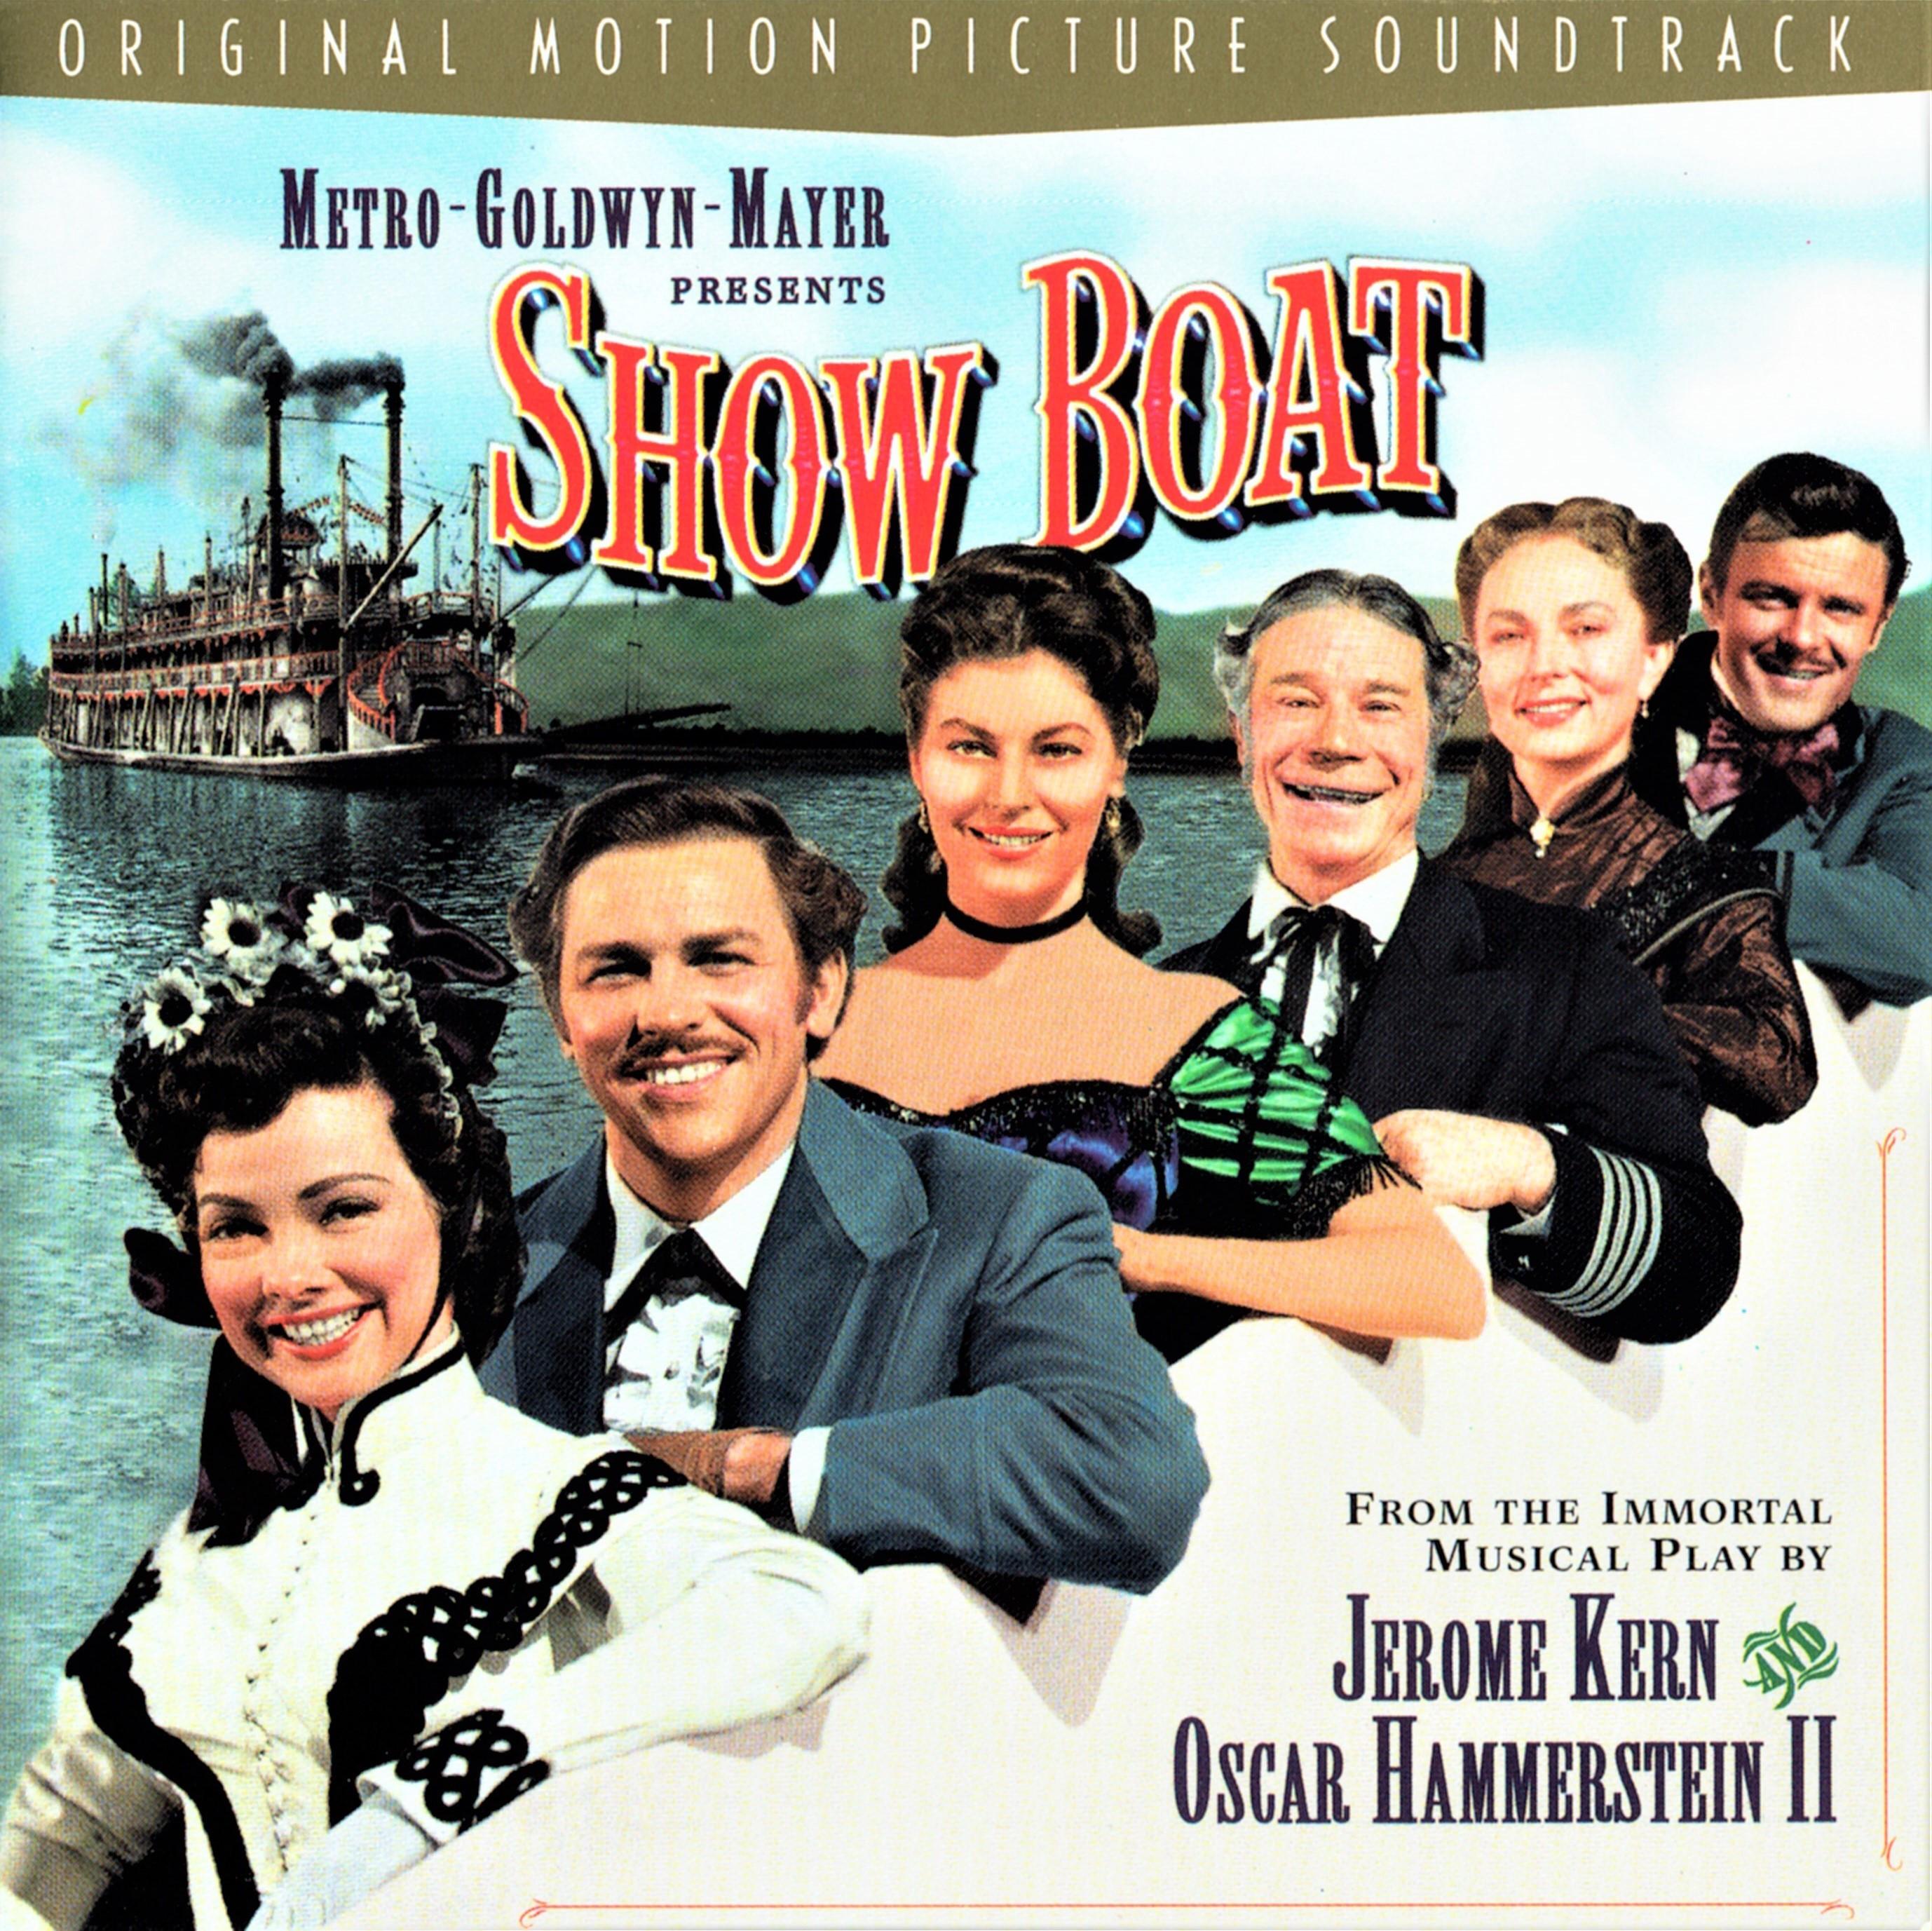 現在発売中のMGM版サントラCDは、〈君こそは愛〉や〈何故あなたを愛す〉など、ハワード・キールとグレイスンの息の合ったデュオも聴きものだ(輸入盤かダウンロードで購入可)。